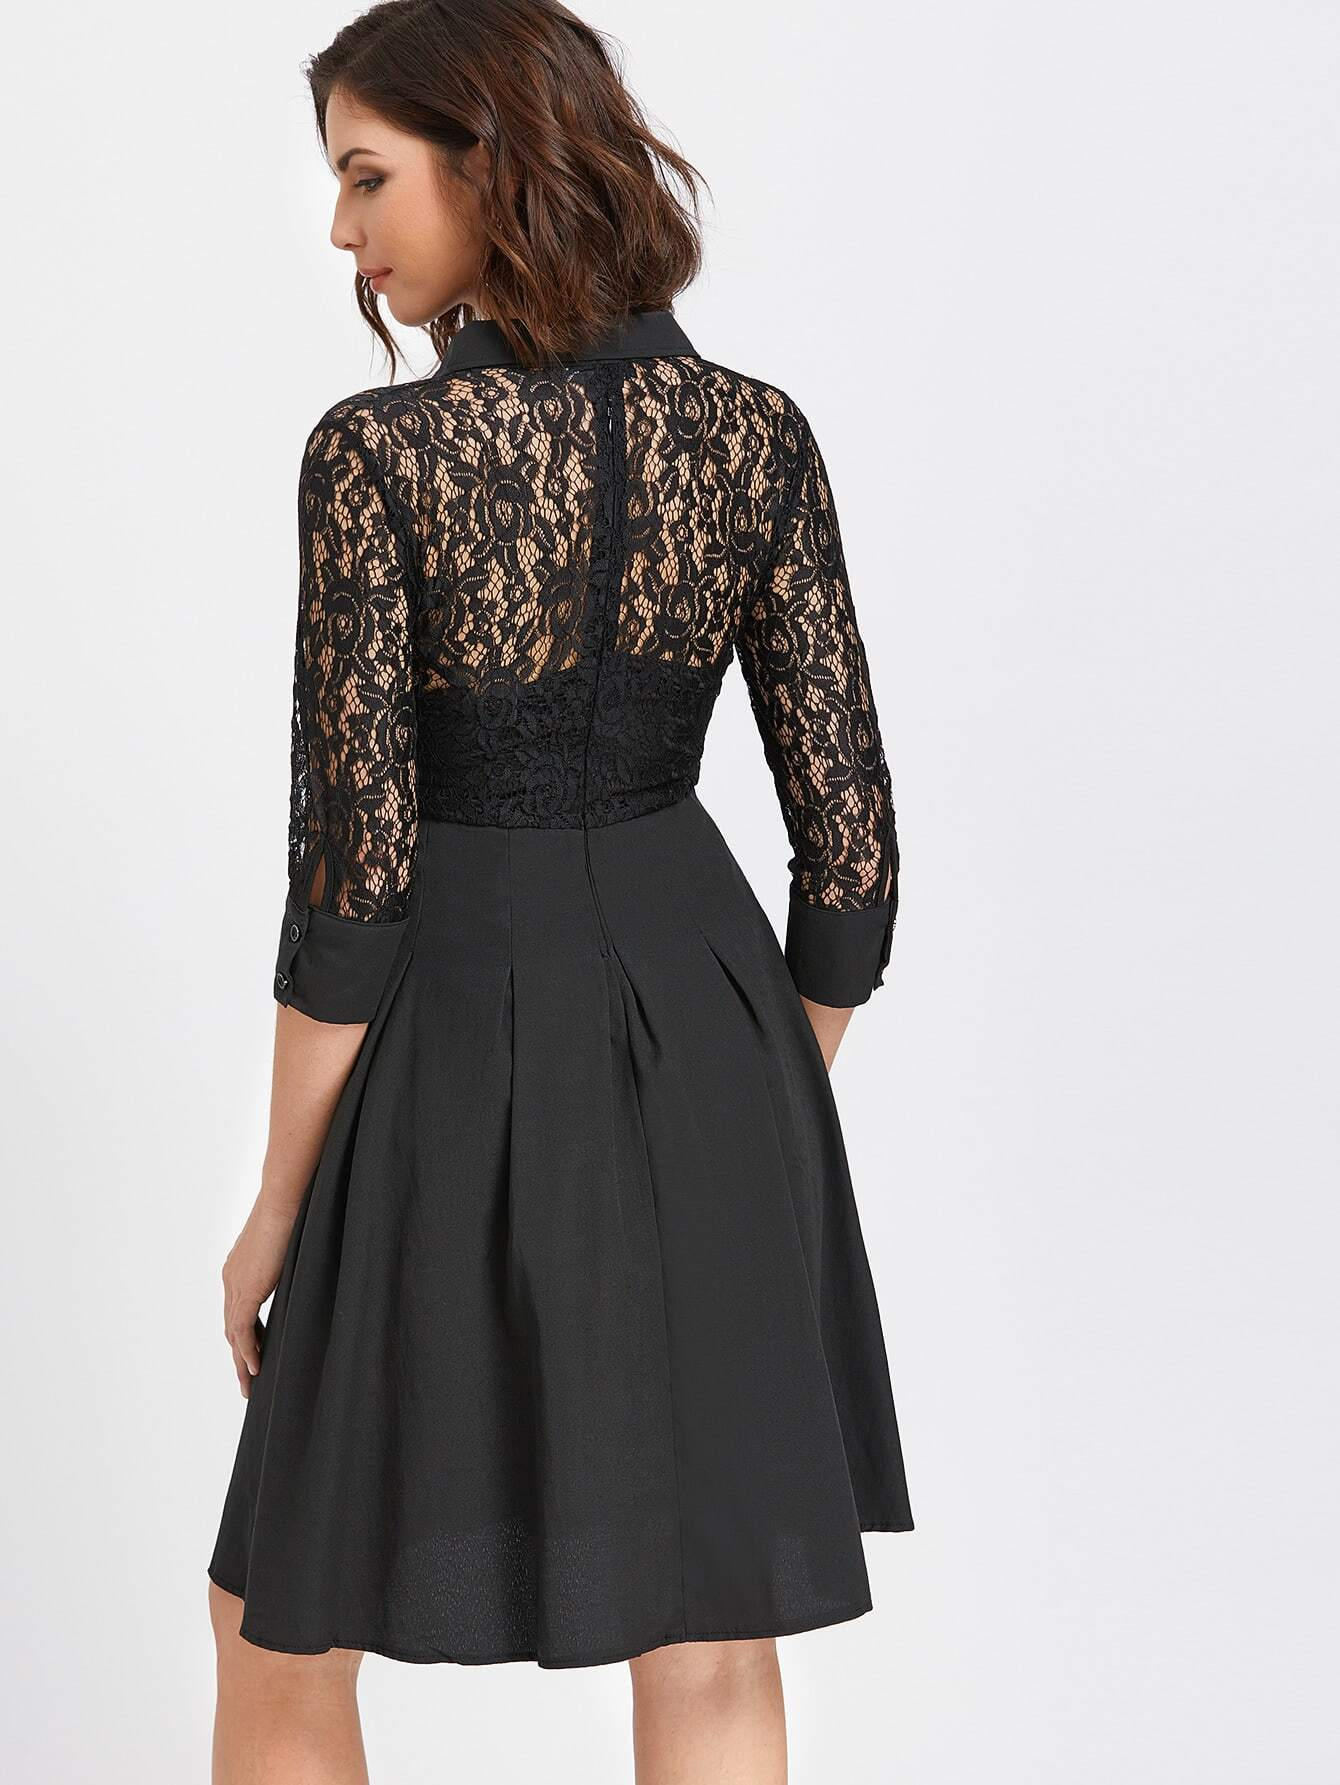 dress170314321_2